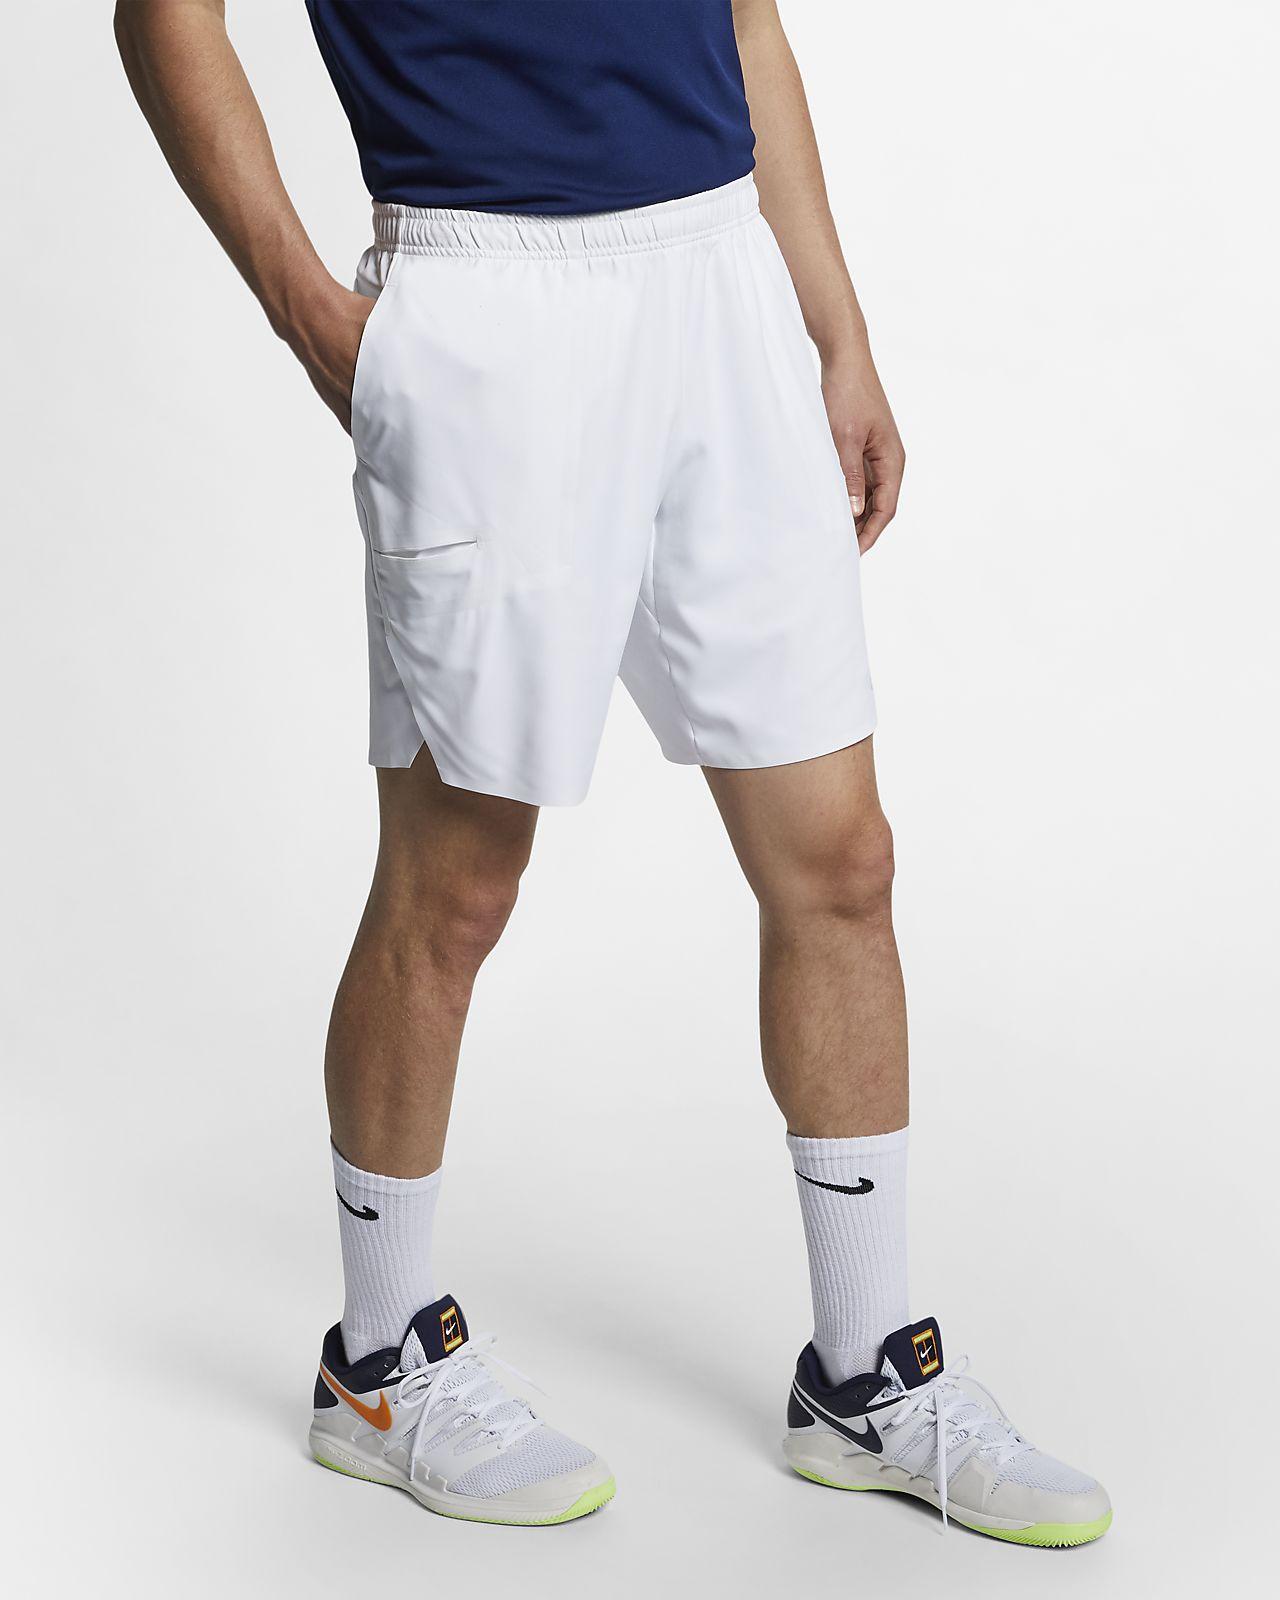 NikeCourt Flex Ace Herren-Tennisshorts (ca. 23 cm)